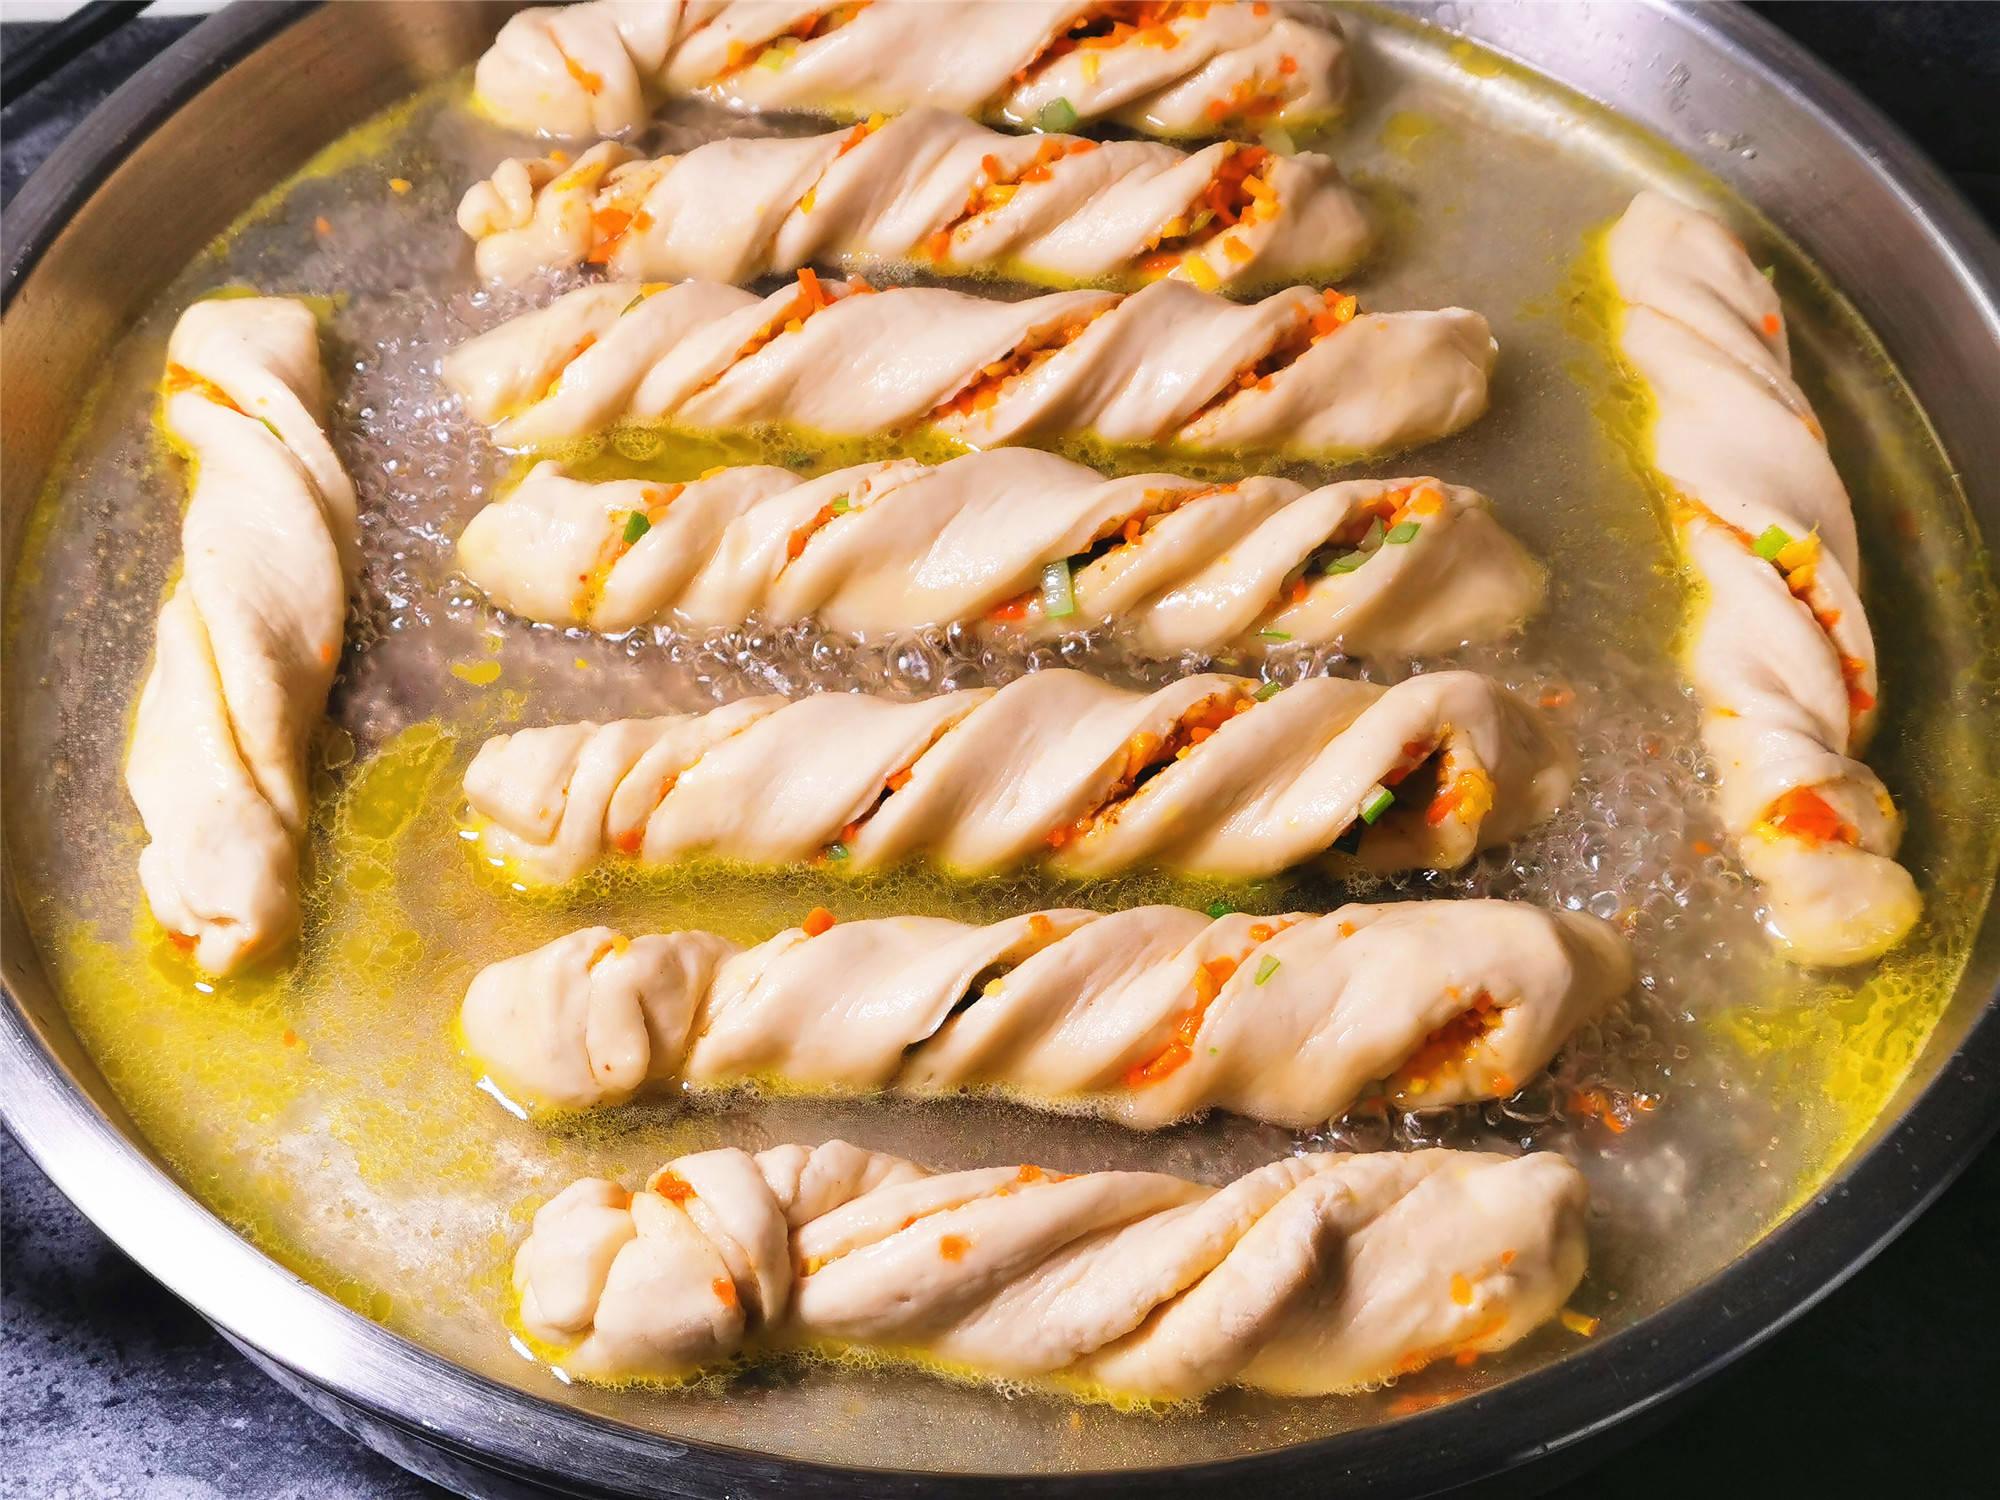 花卷煎一煎比蒸的好吃,外焦里嫩层次多,吃着过瘾